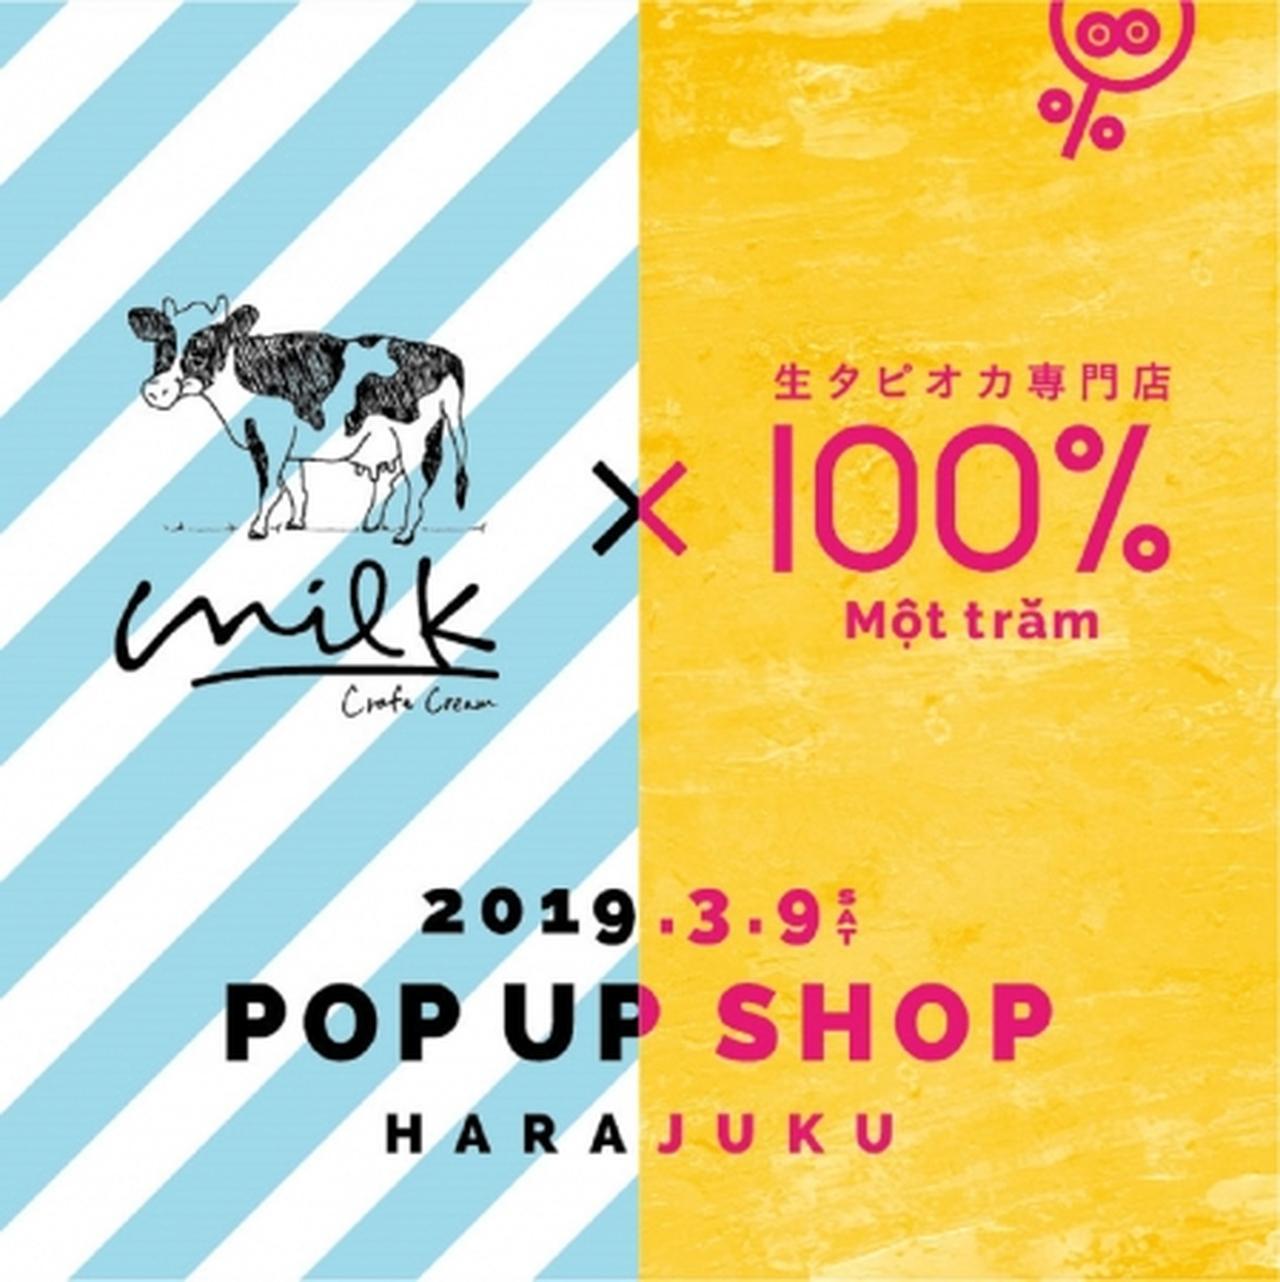 画像2: 大阪で大行列の「生タピオカ専門店モッチャム」が東京初上陸!